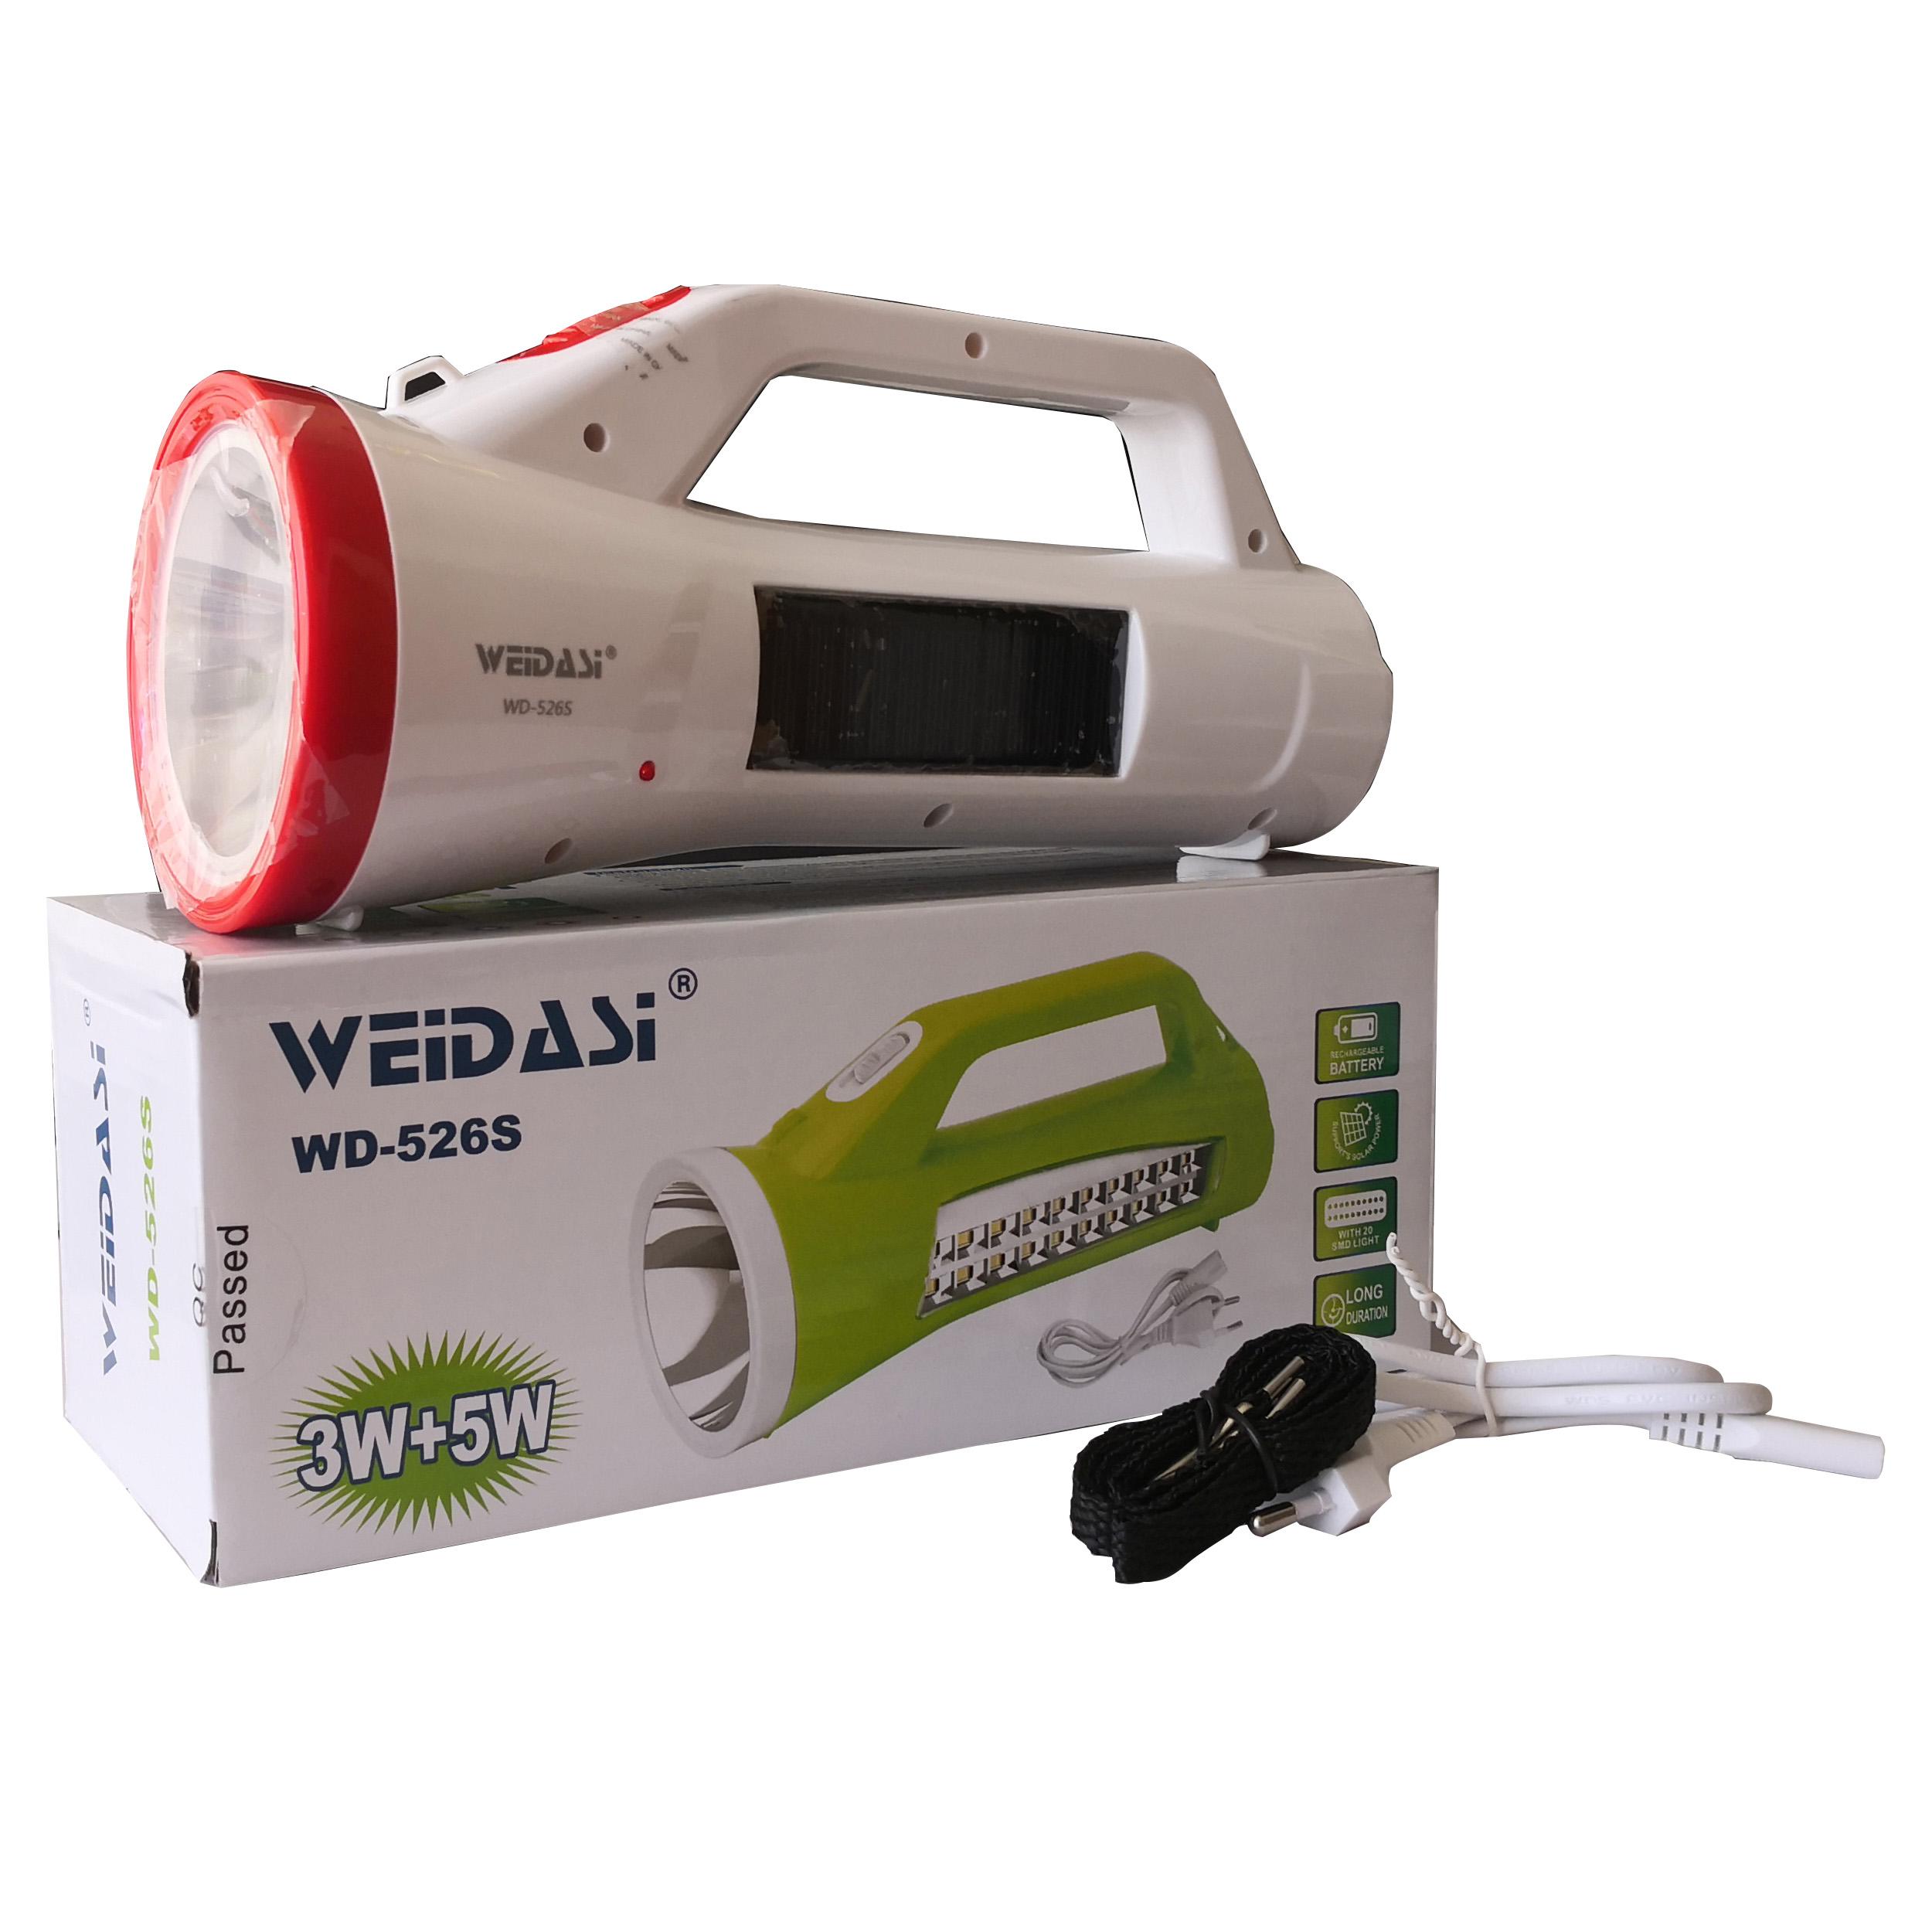 چراغ قوه ویداسی مدل WD-526S